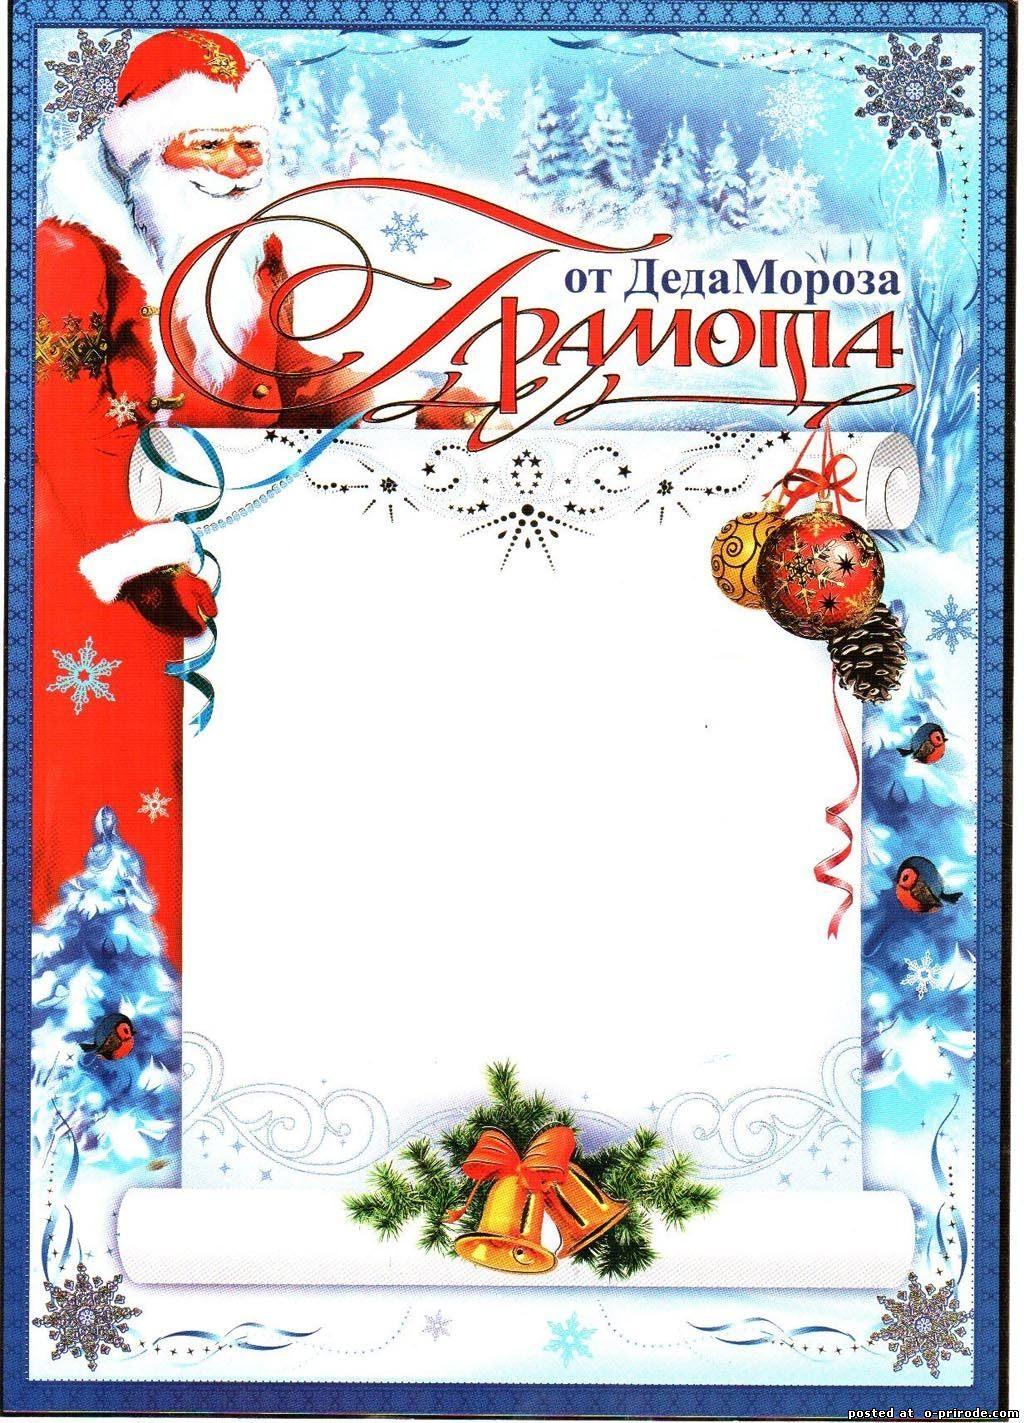 Новогодние грамоты шаблоны скачать бесплатно без регистрации Пустые шаблоны Новогодних грамот для детей